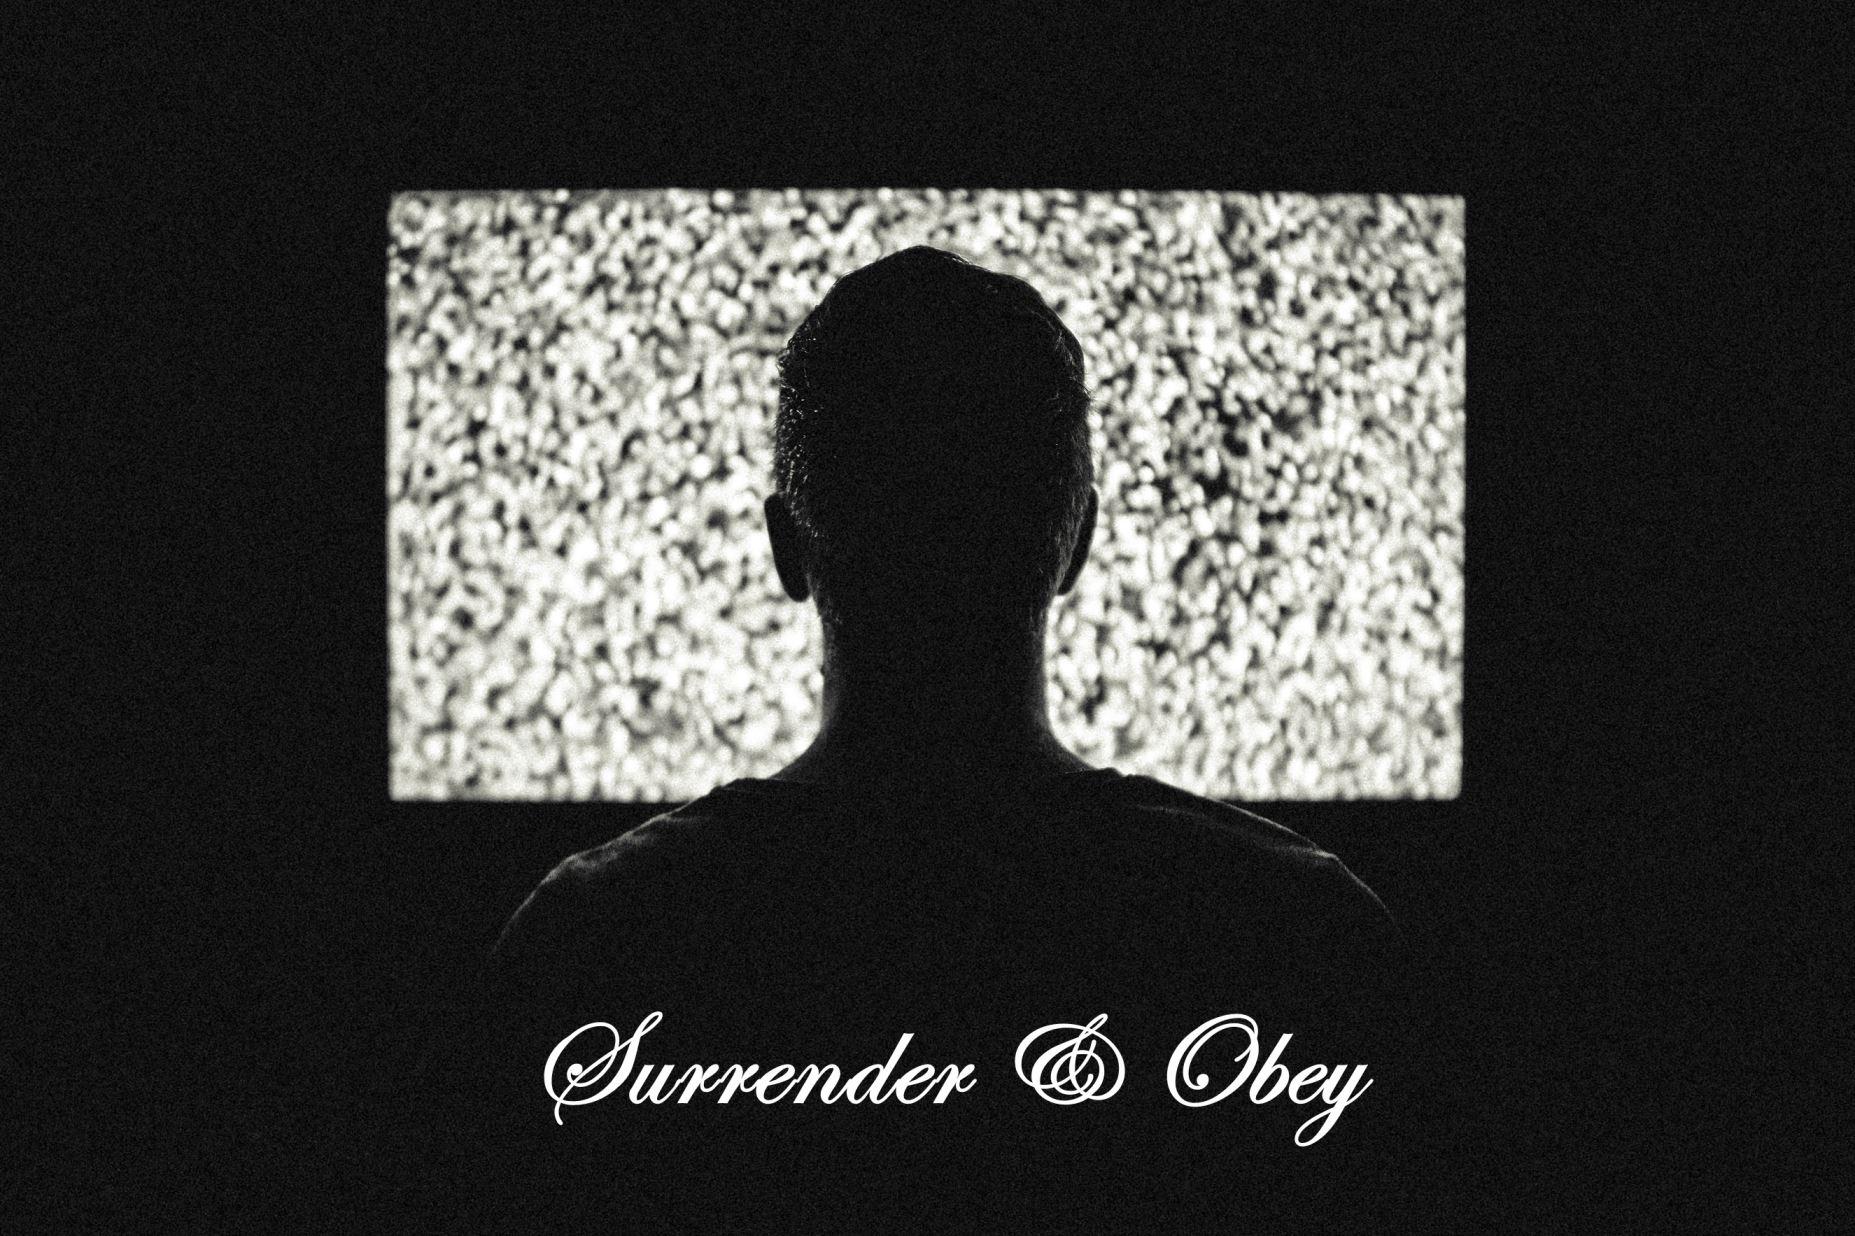 Surrender & Obey